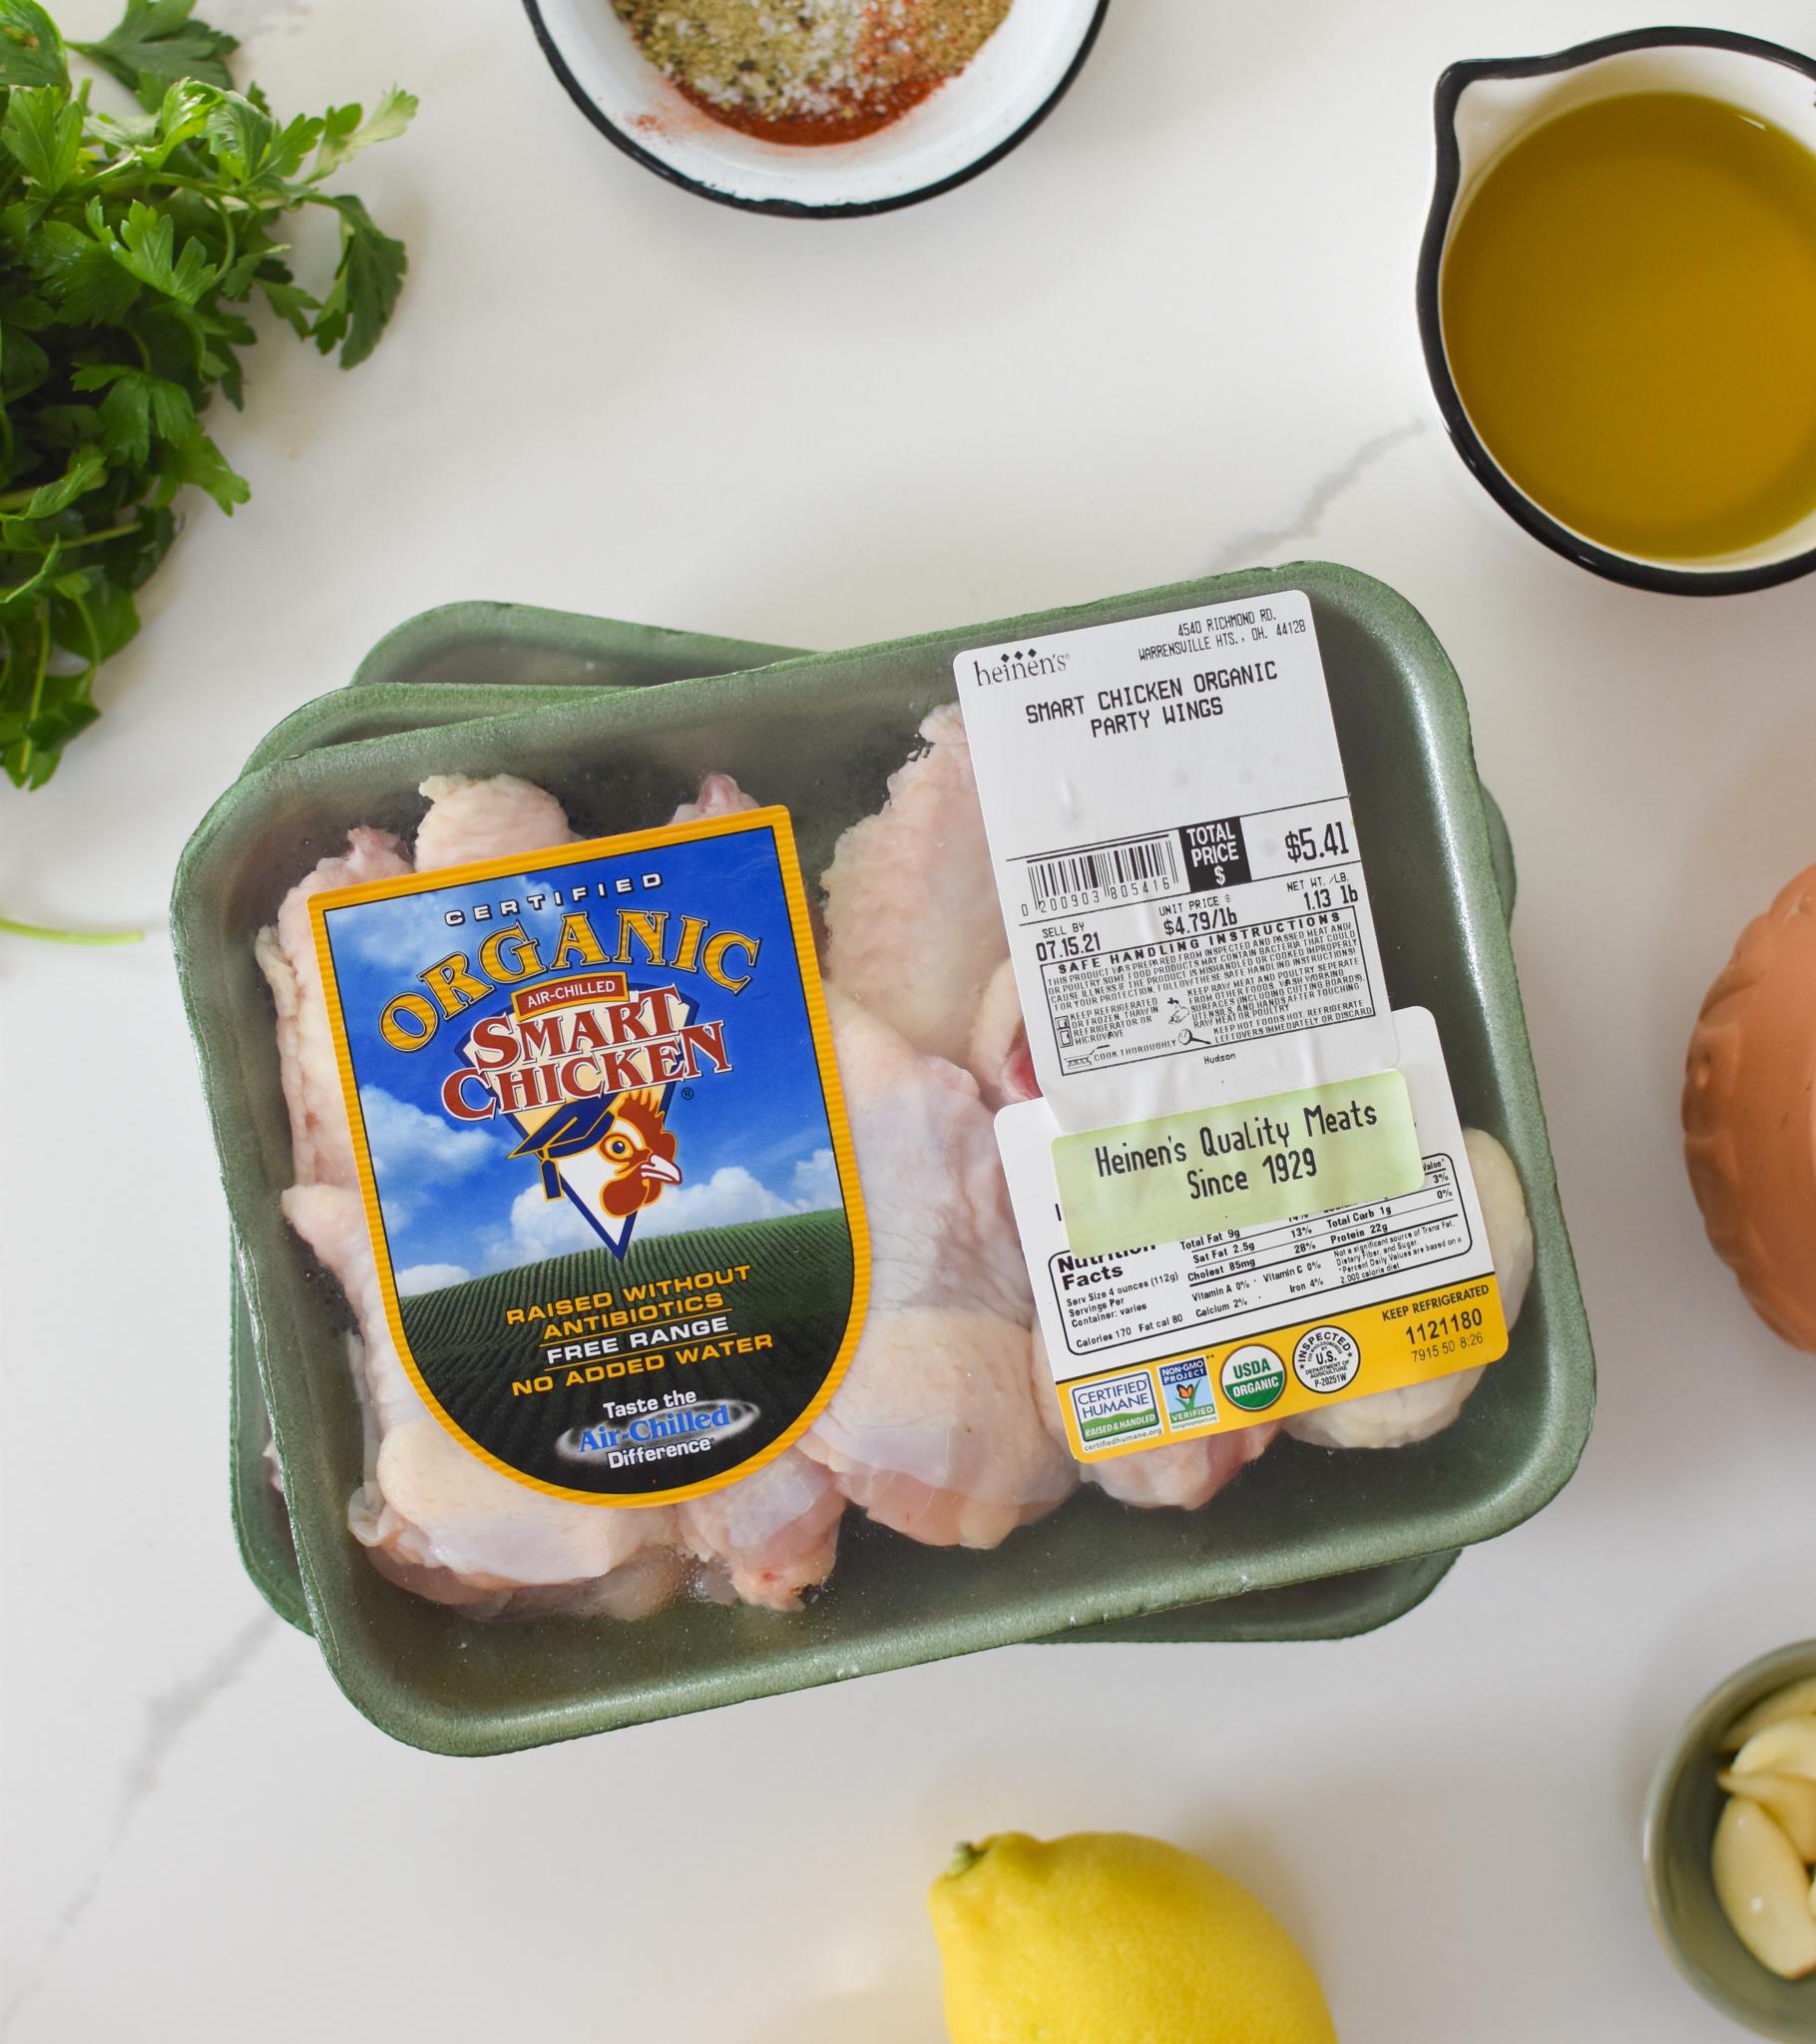 Grilled Mediterranean Chicken Wings ingredients.